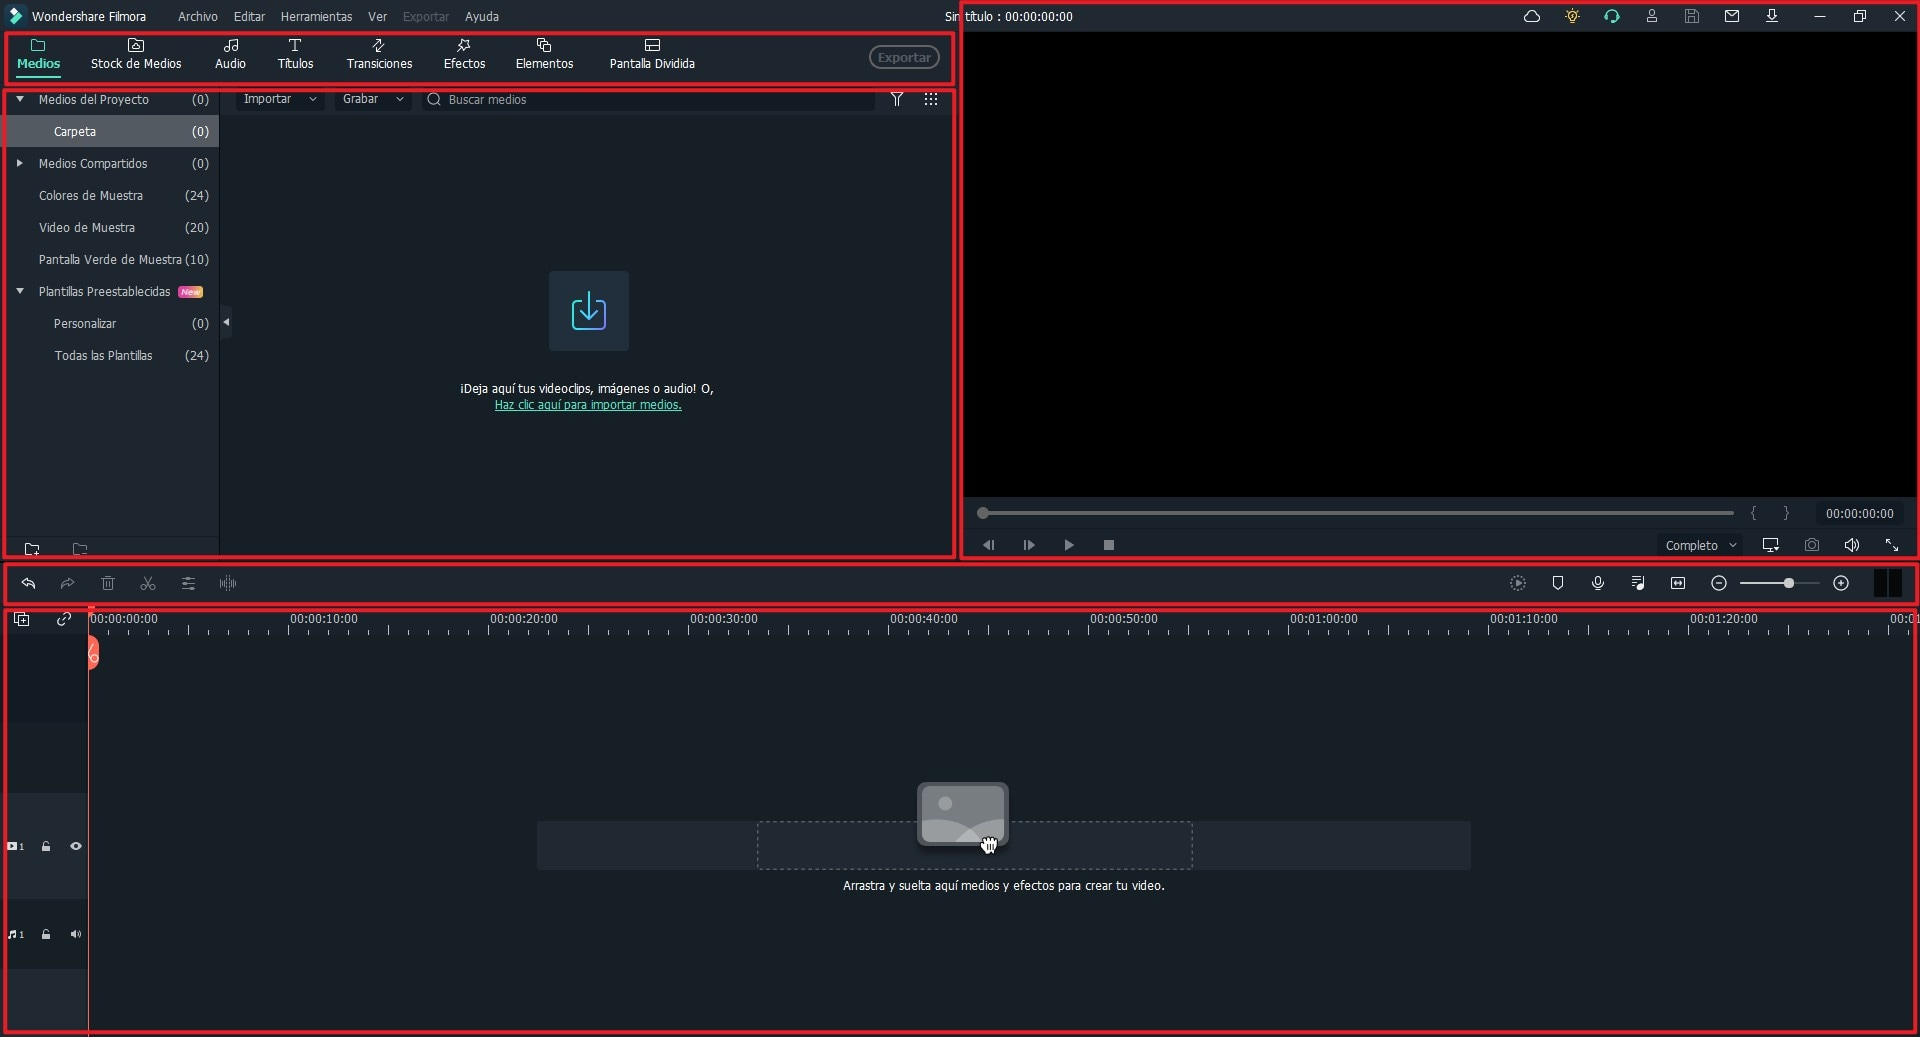 interfaz principal de la ventana de filmora